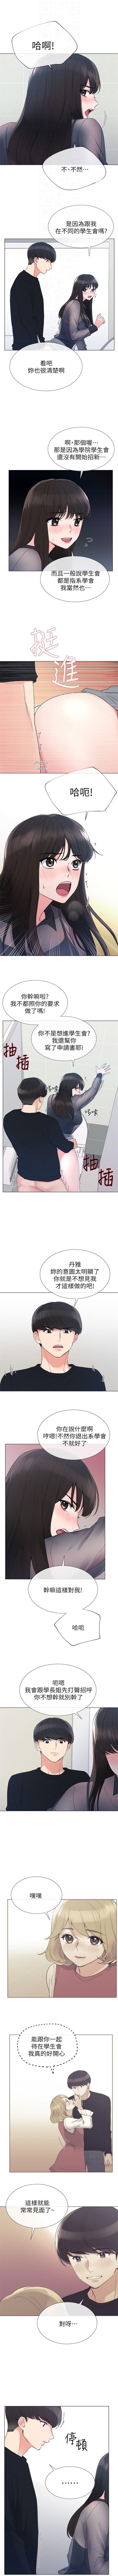 (週5)重考生 1-52 中文翻譯(更新中) 189